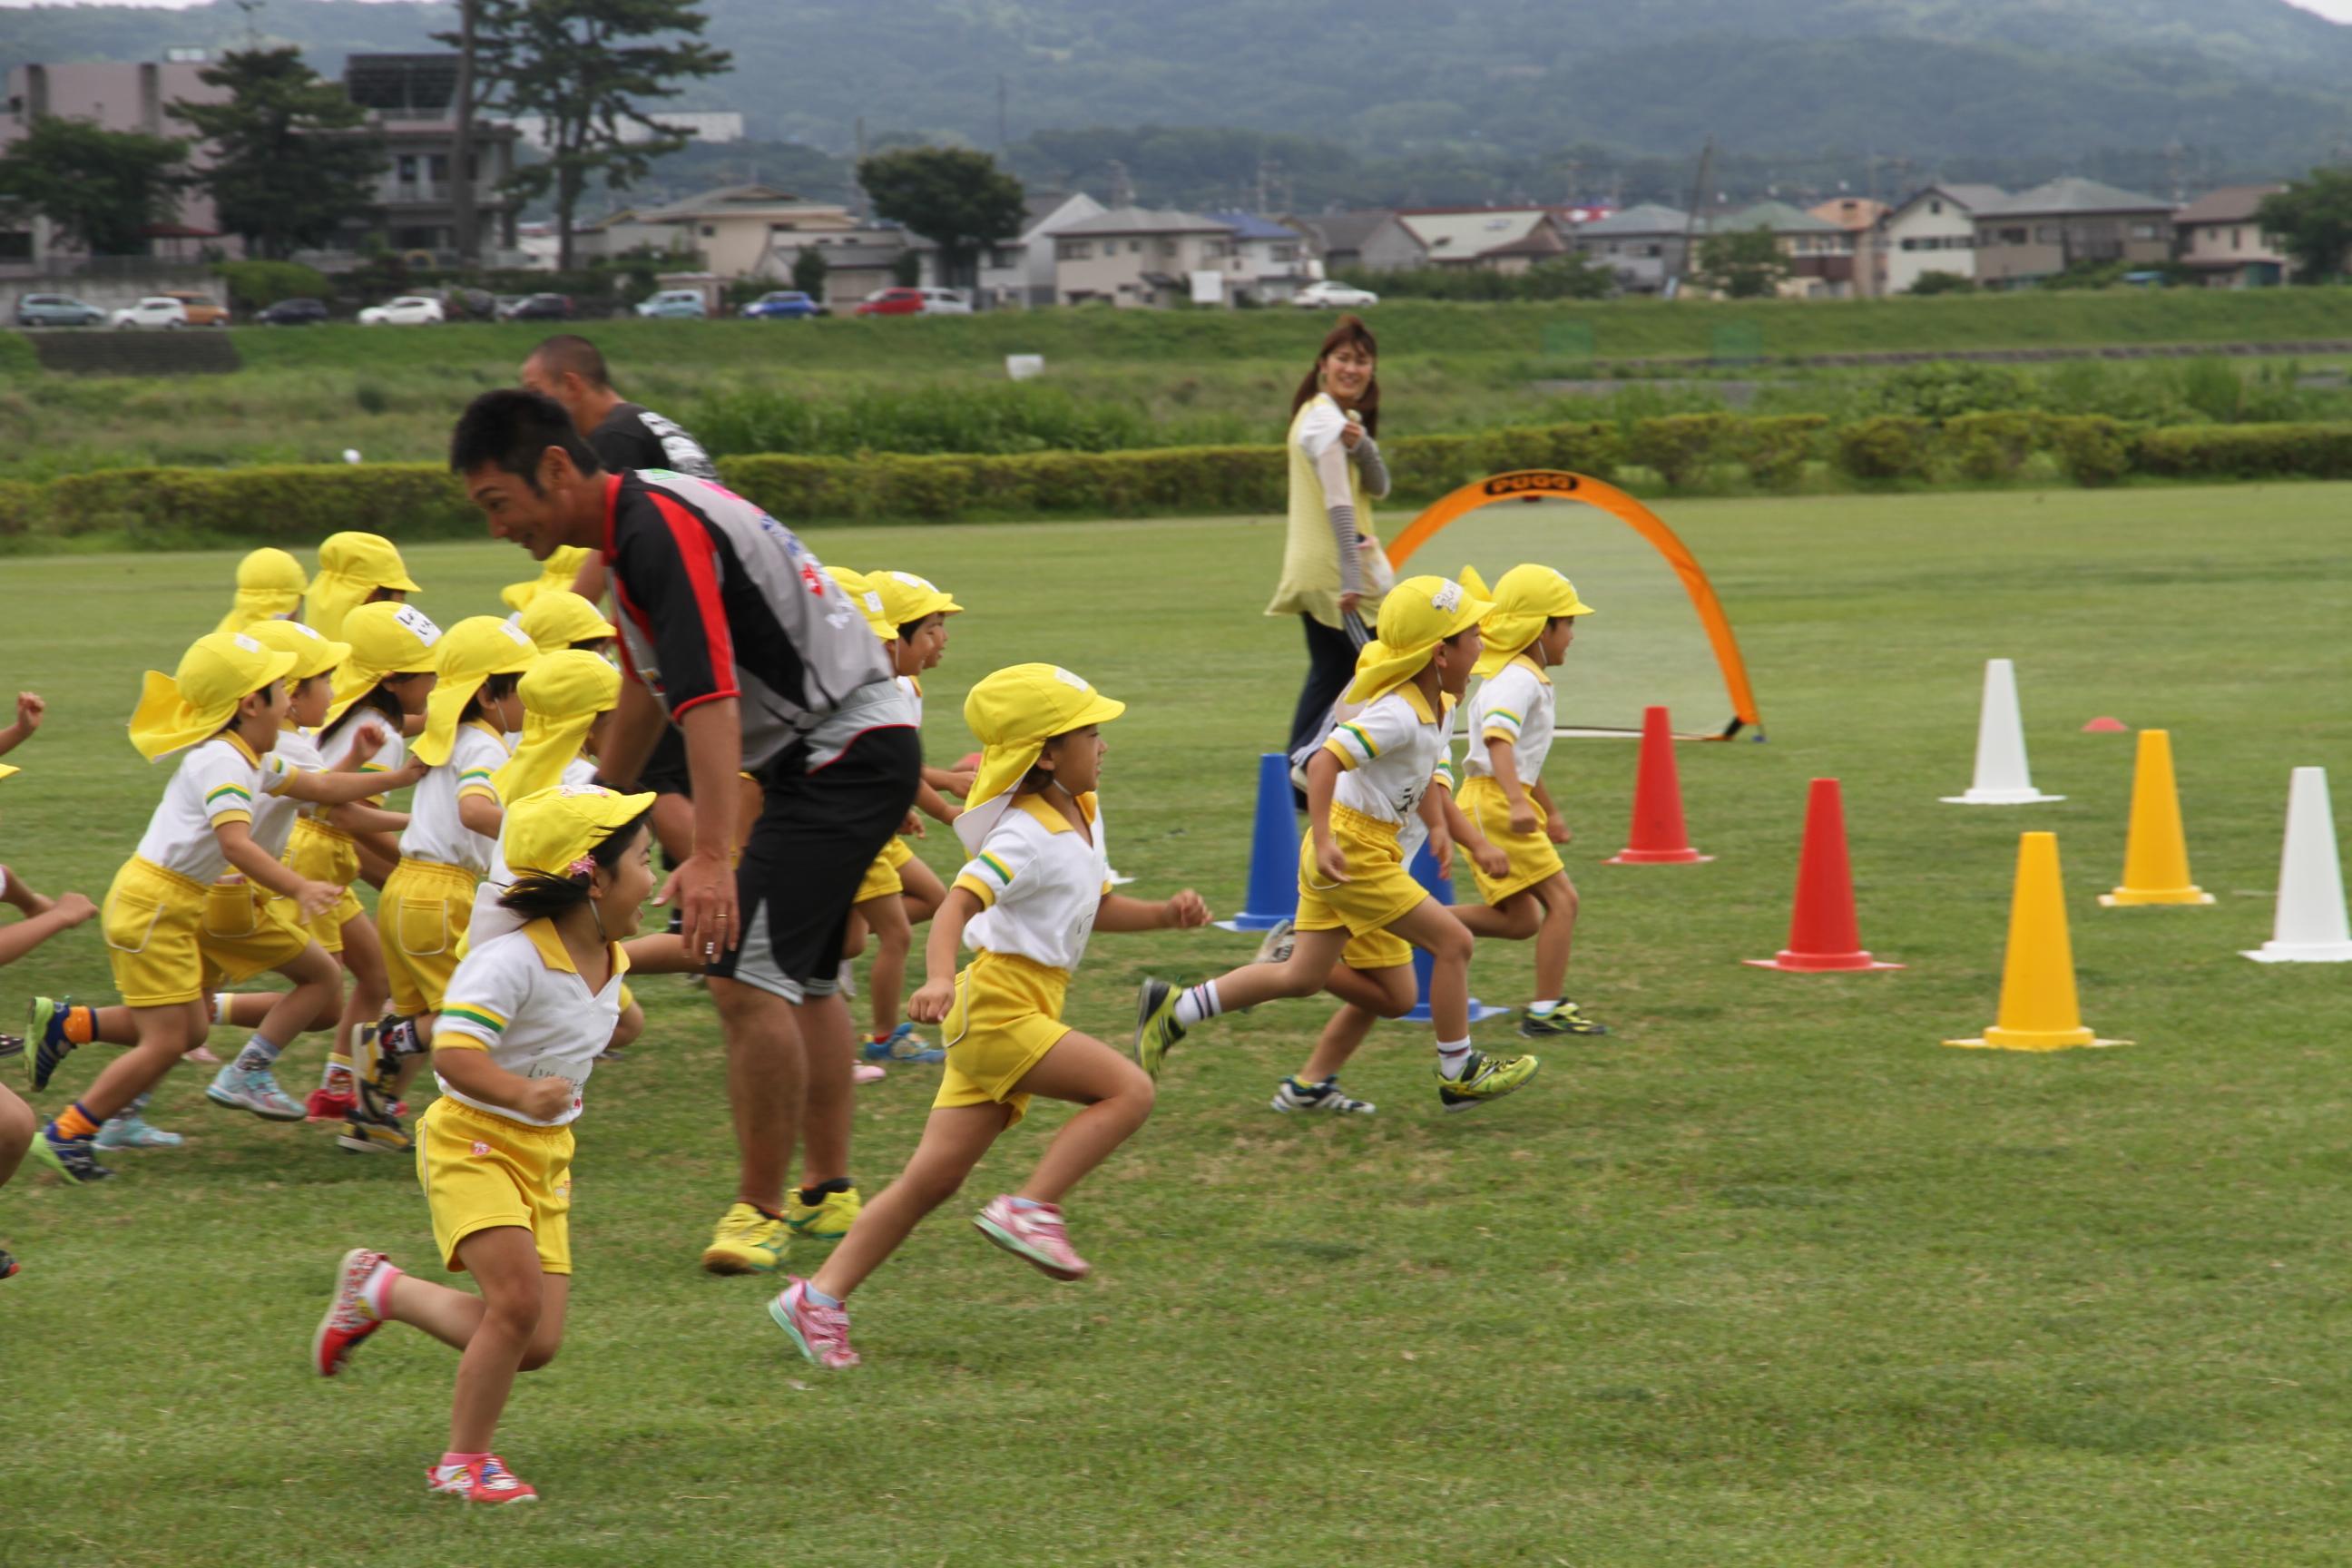 http://www.shonan-ls.co.jp/blog/landscape/img/IMG_3174.JPG